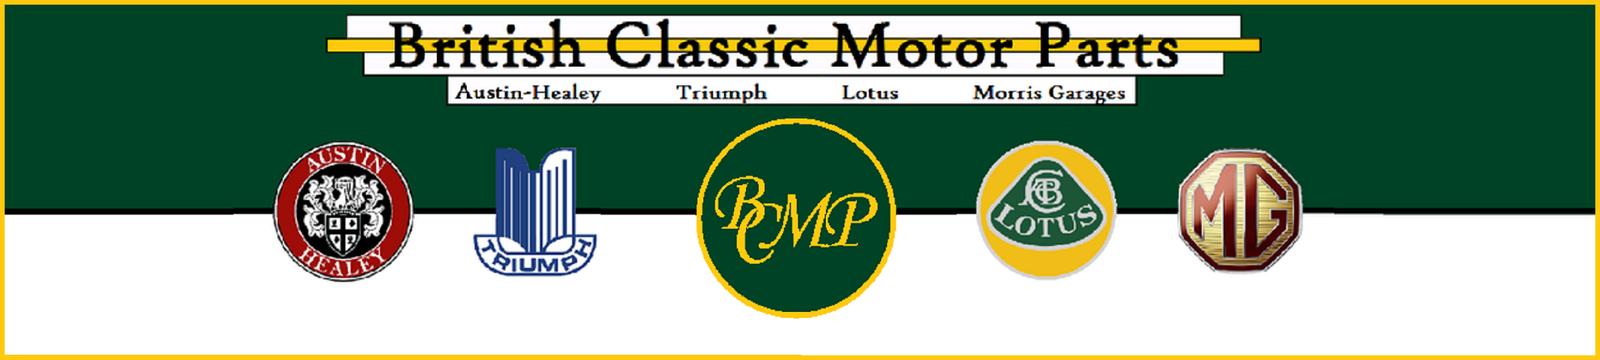 BritishClassicMotorParts